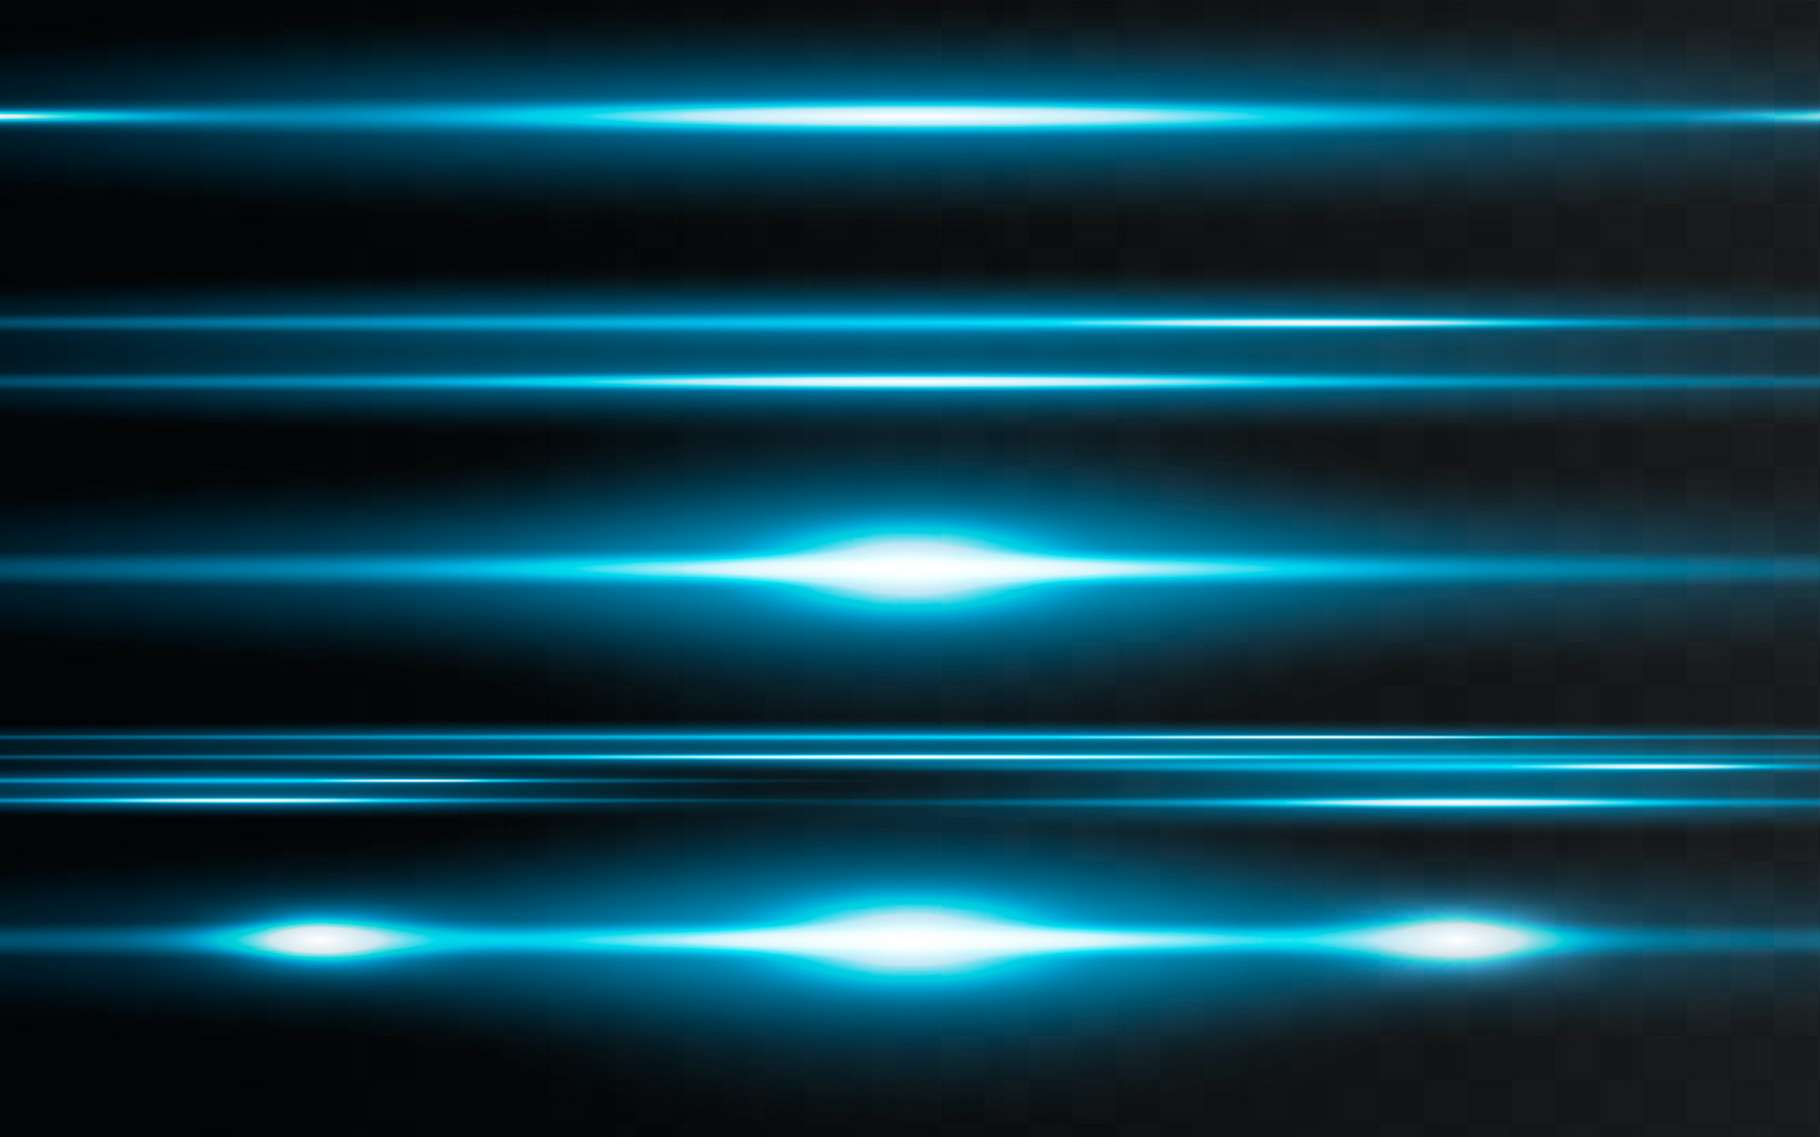 Partant d'un condensat de Bose-Einstein de photons, des chercheurs de l'université de Bonn (Allemagne) ont observé un nouvel état de la lumière. © kume111000, Adobe Stock